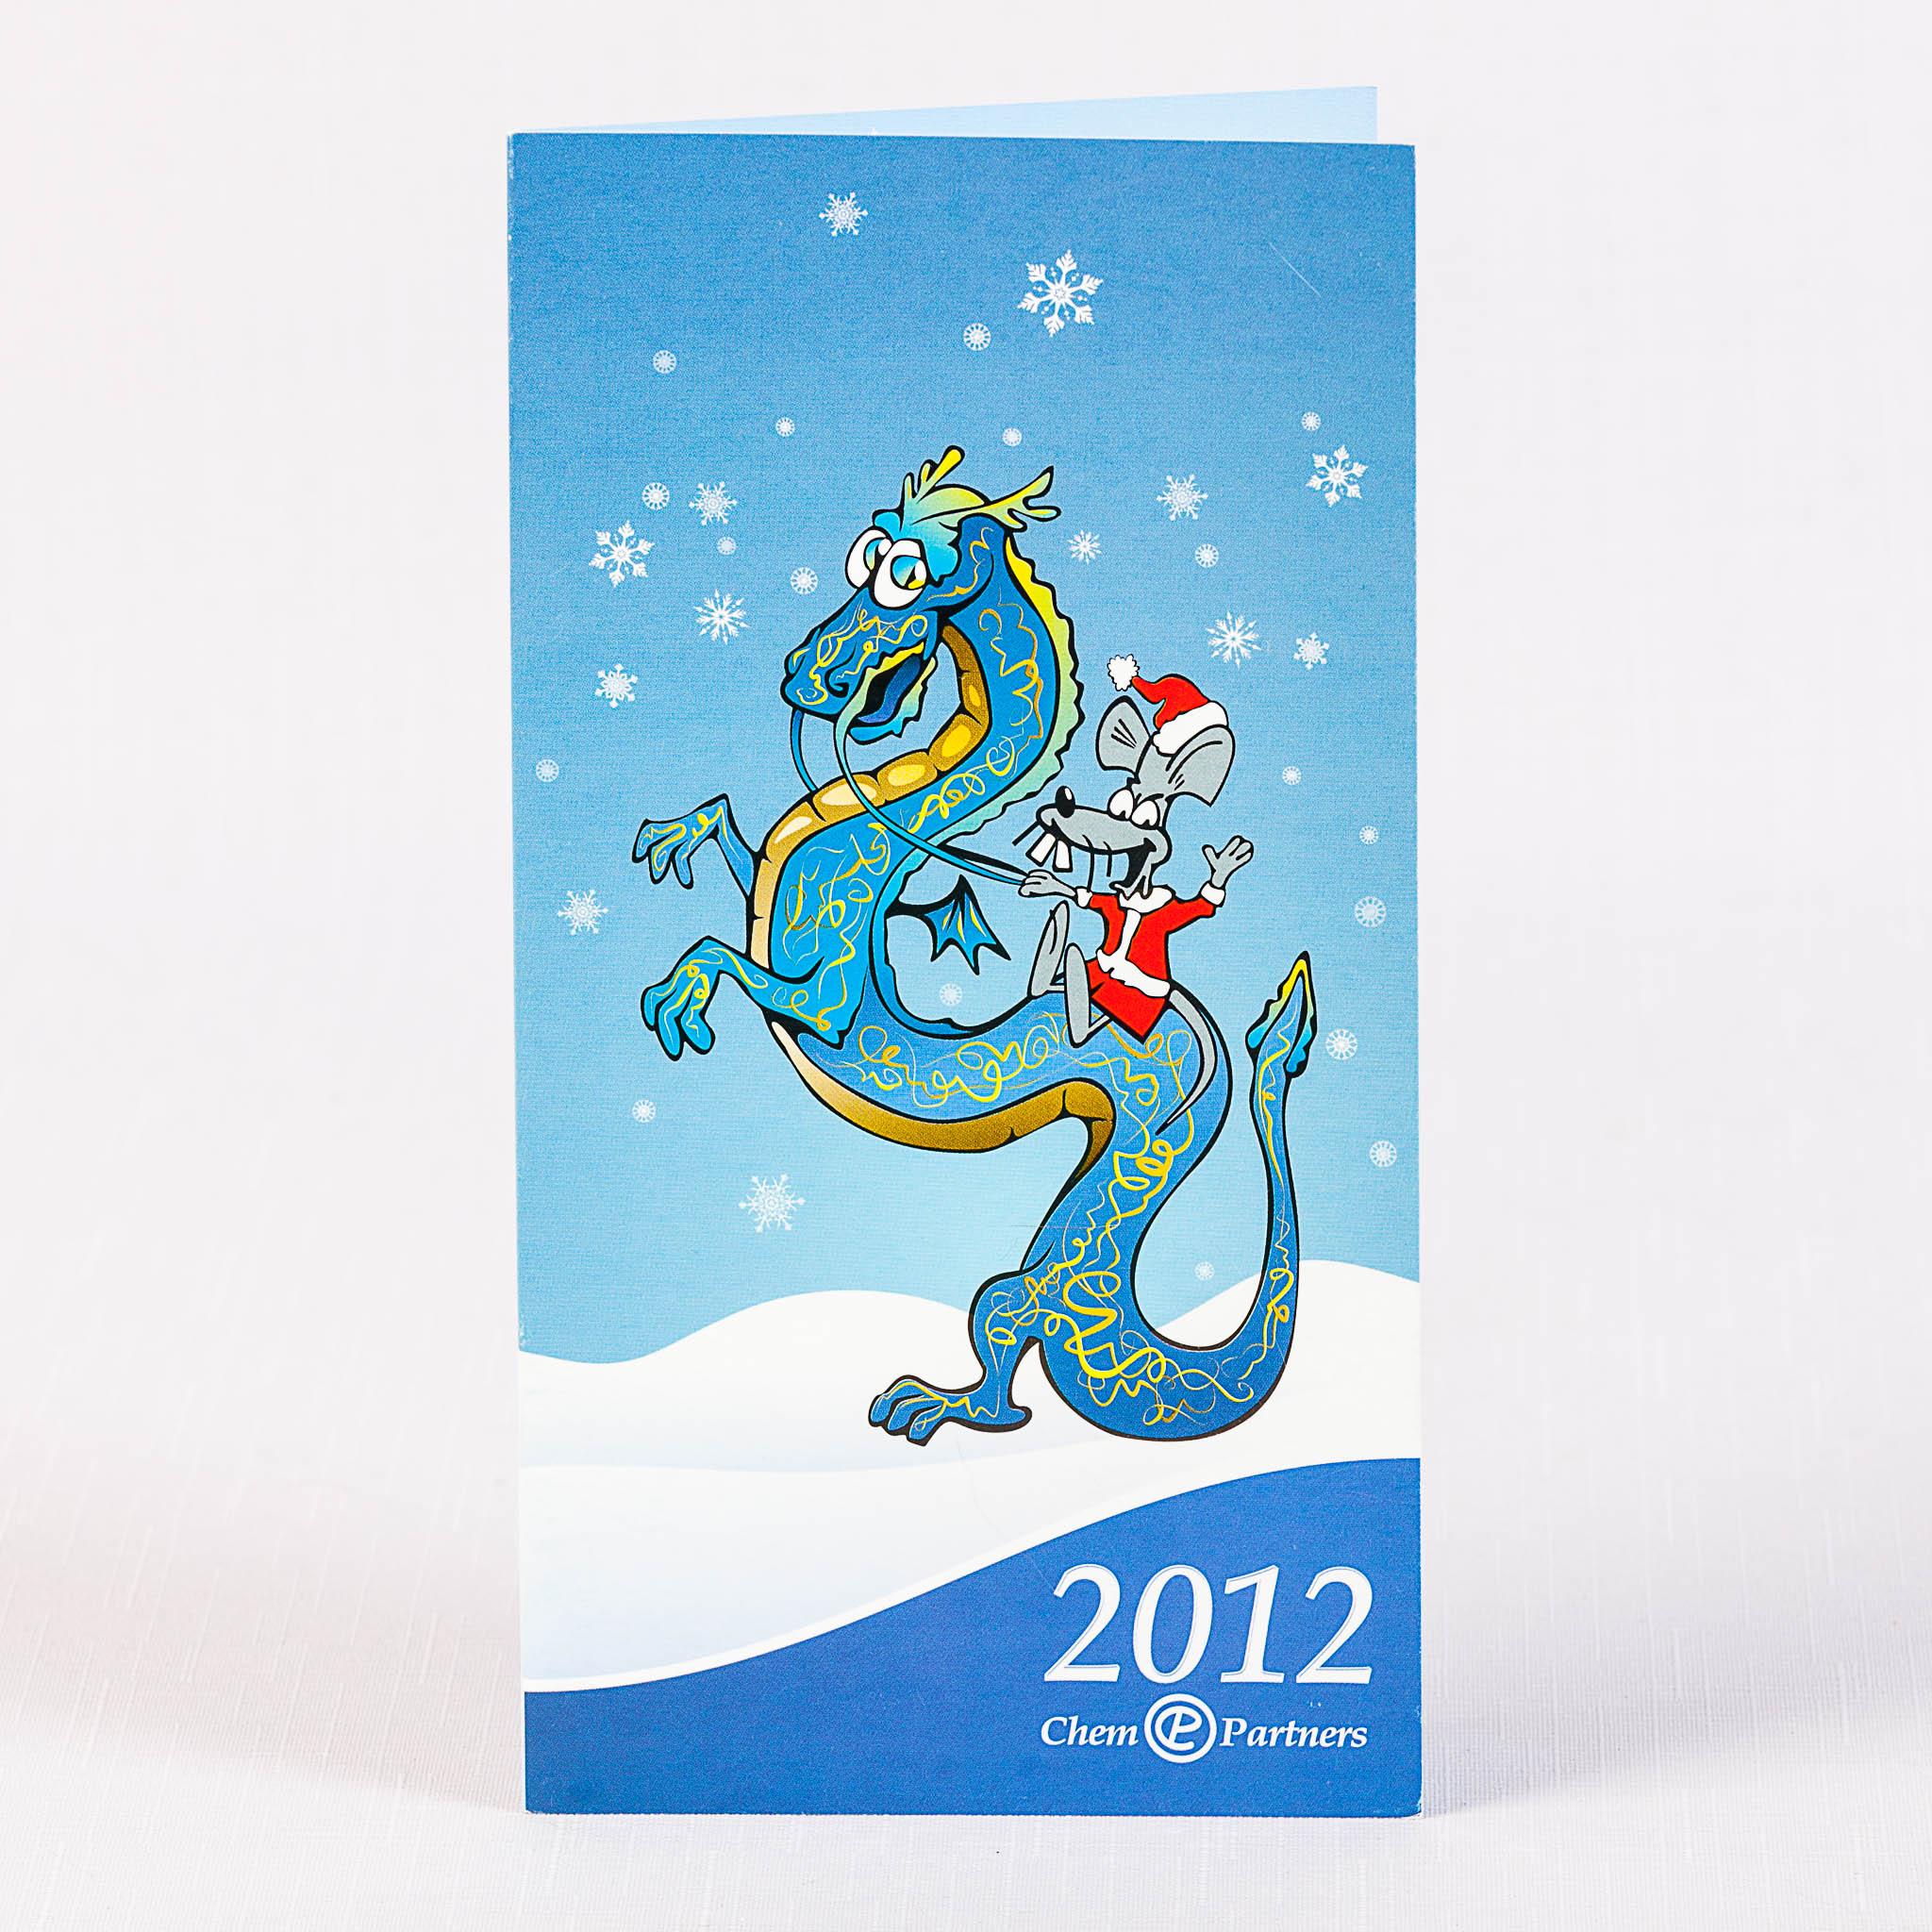 Корпоративная открытка с Новым годом для партнеров компании